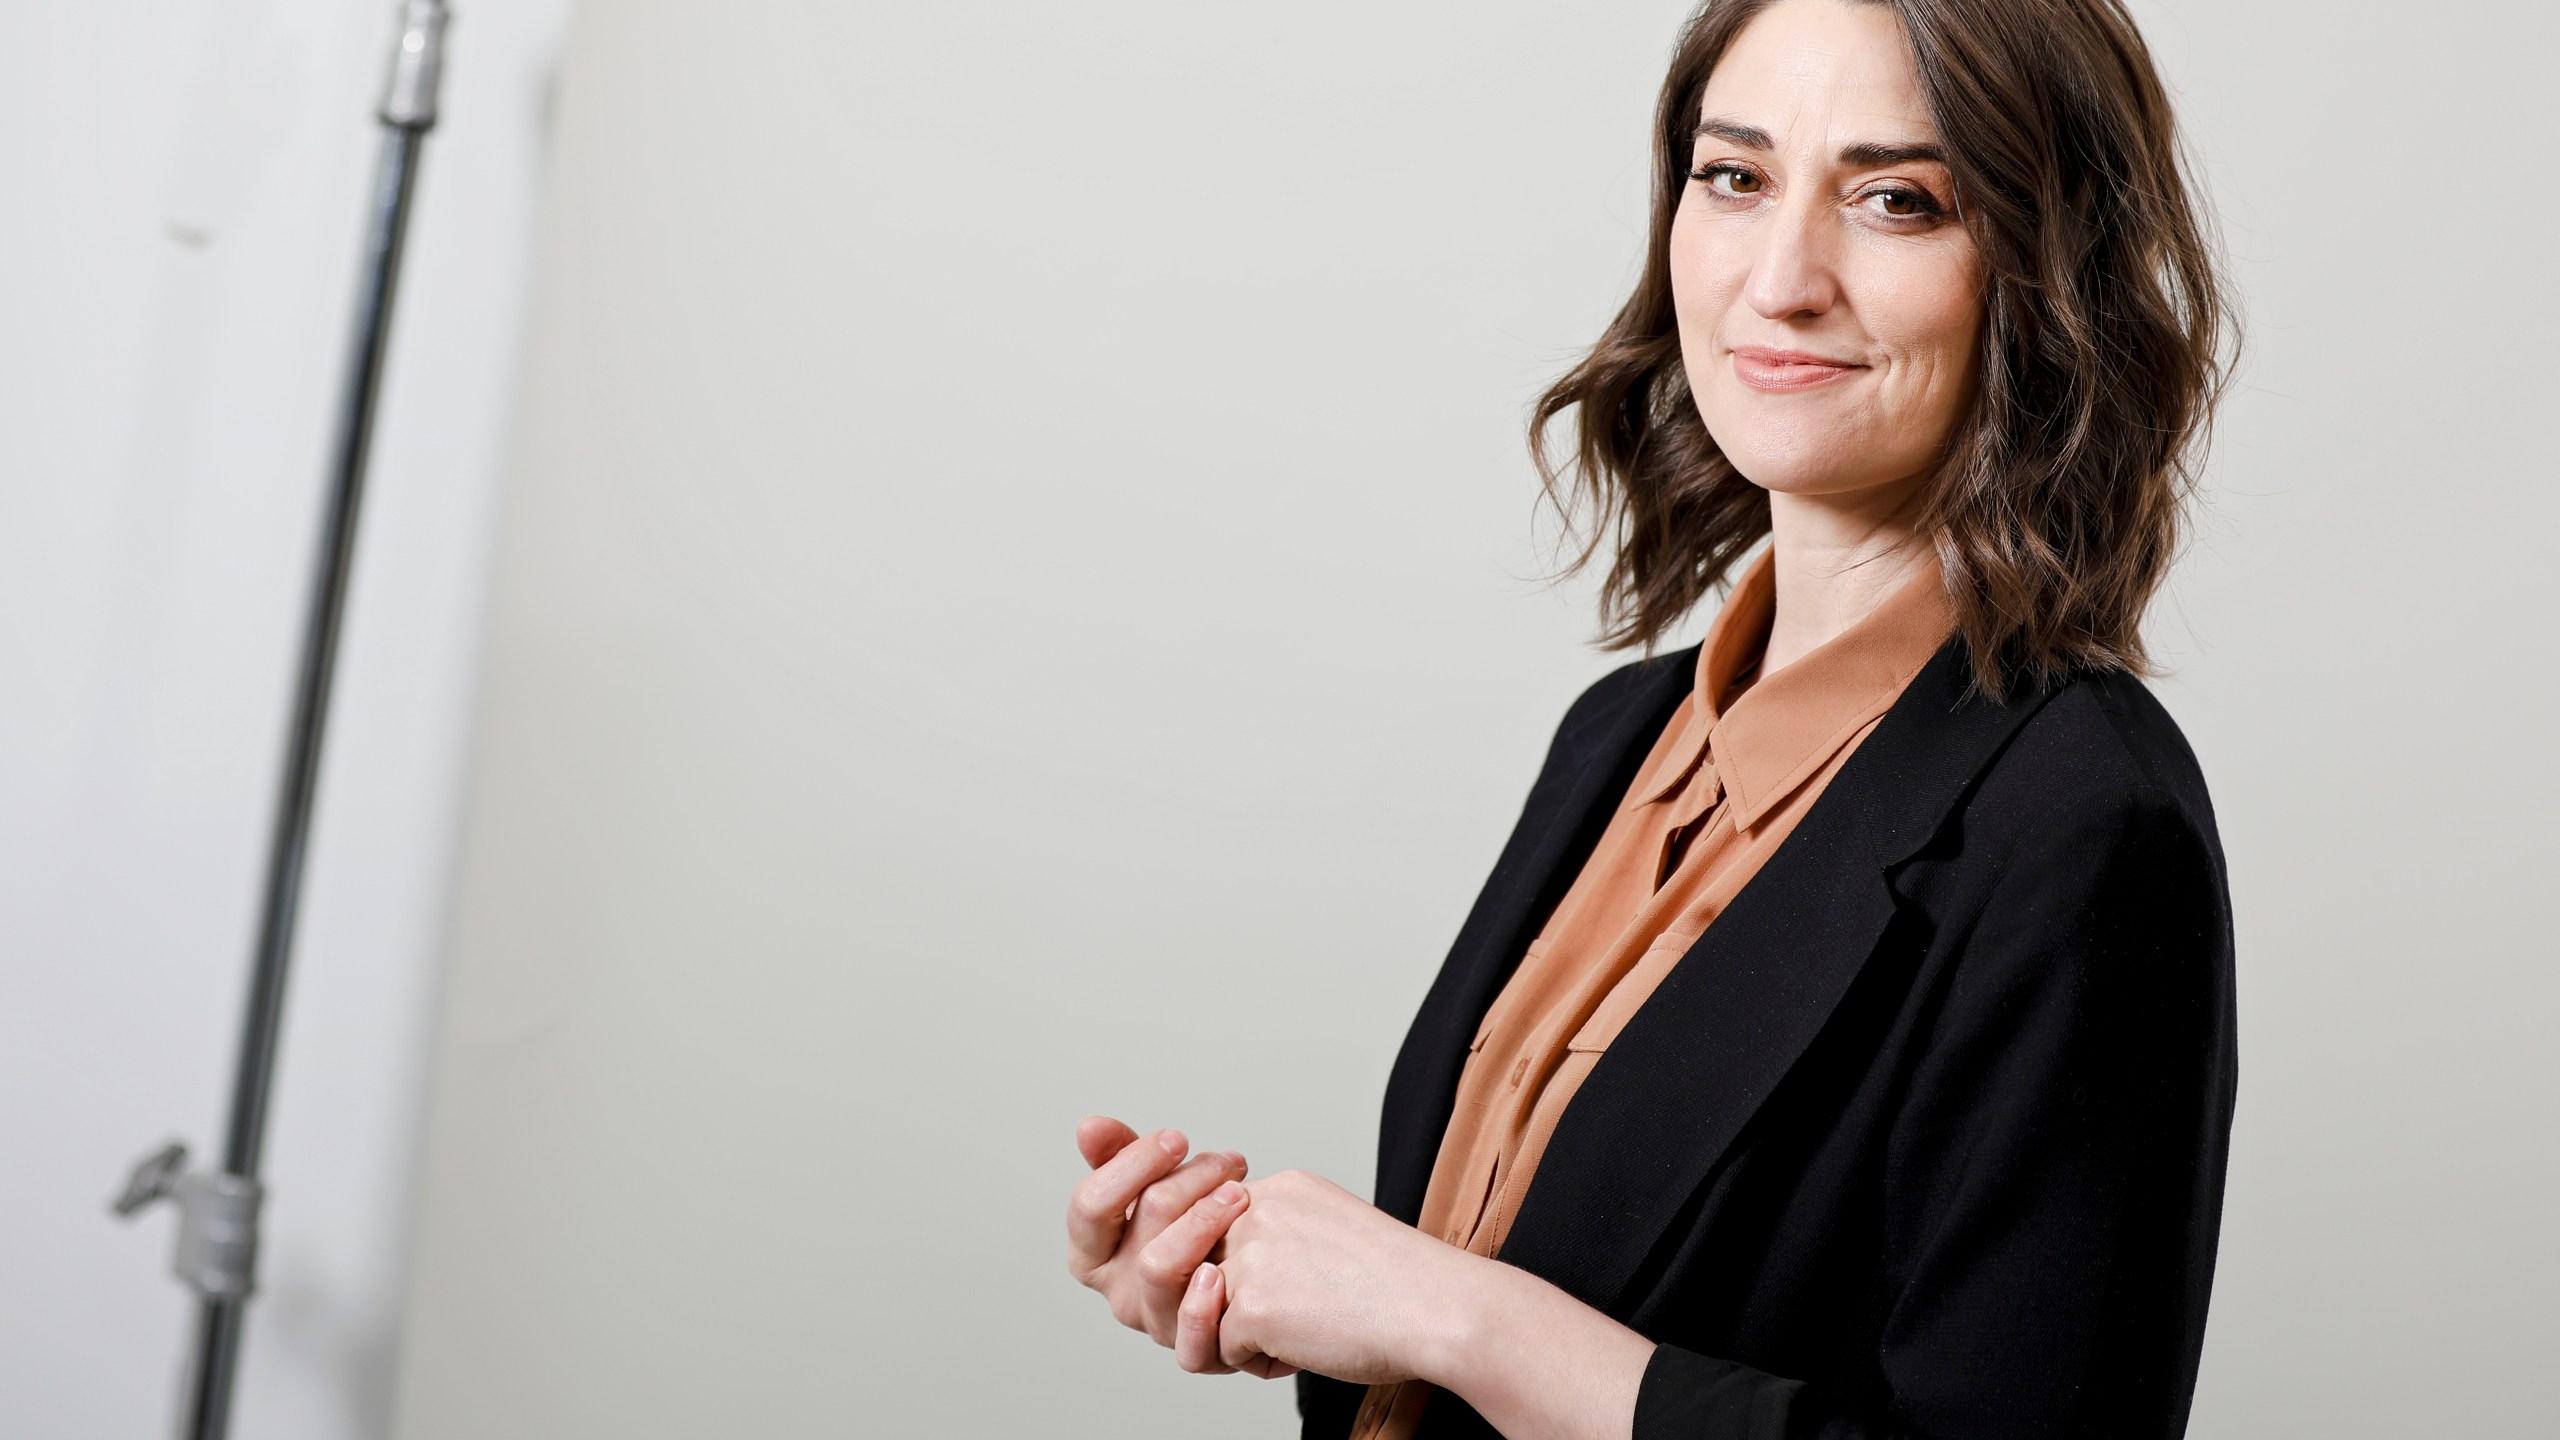 Sara Bareilles